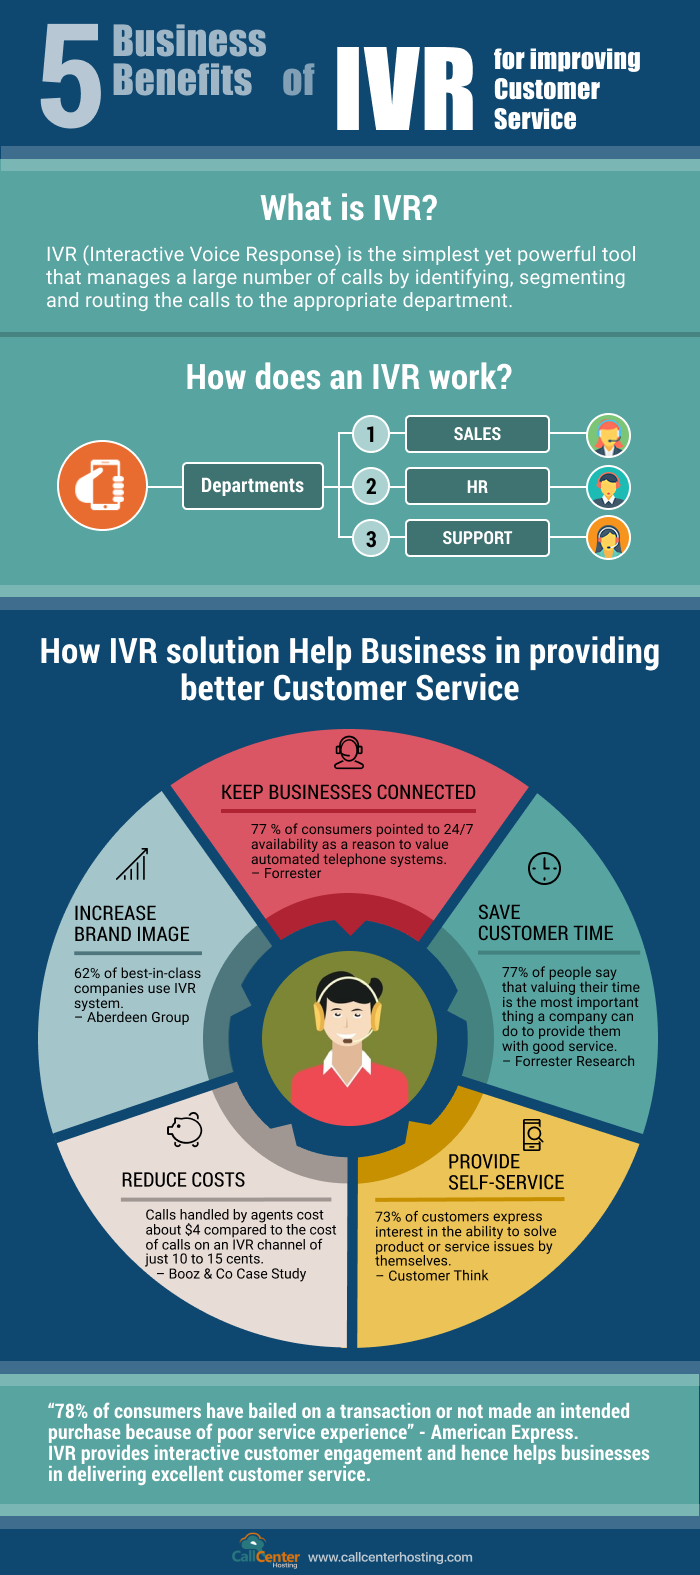 5-business-benefits-ivr